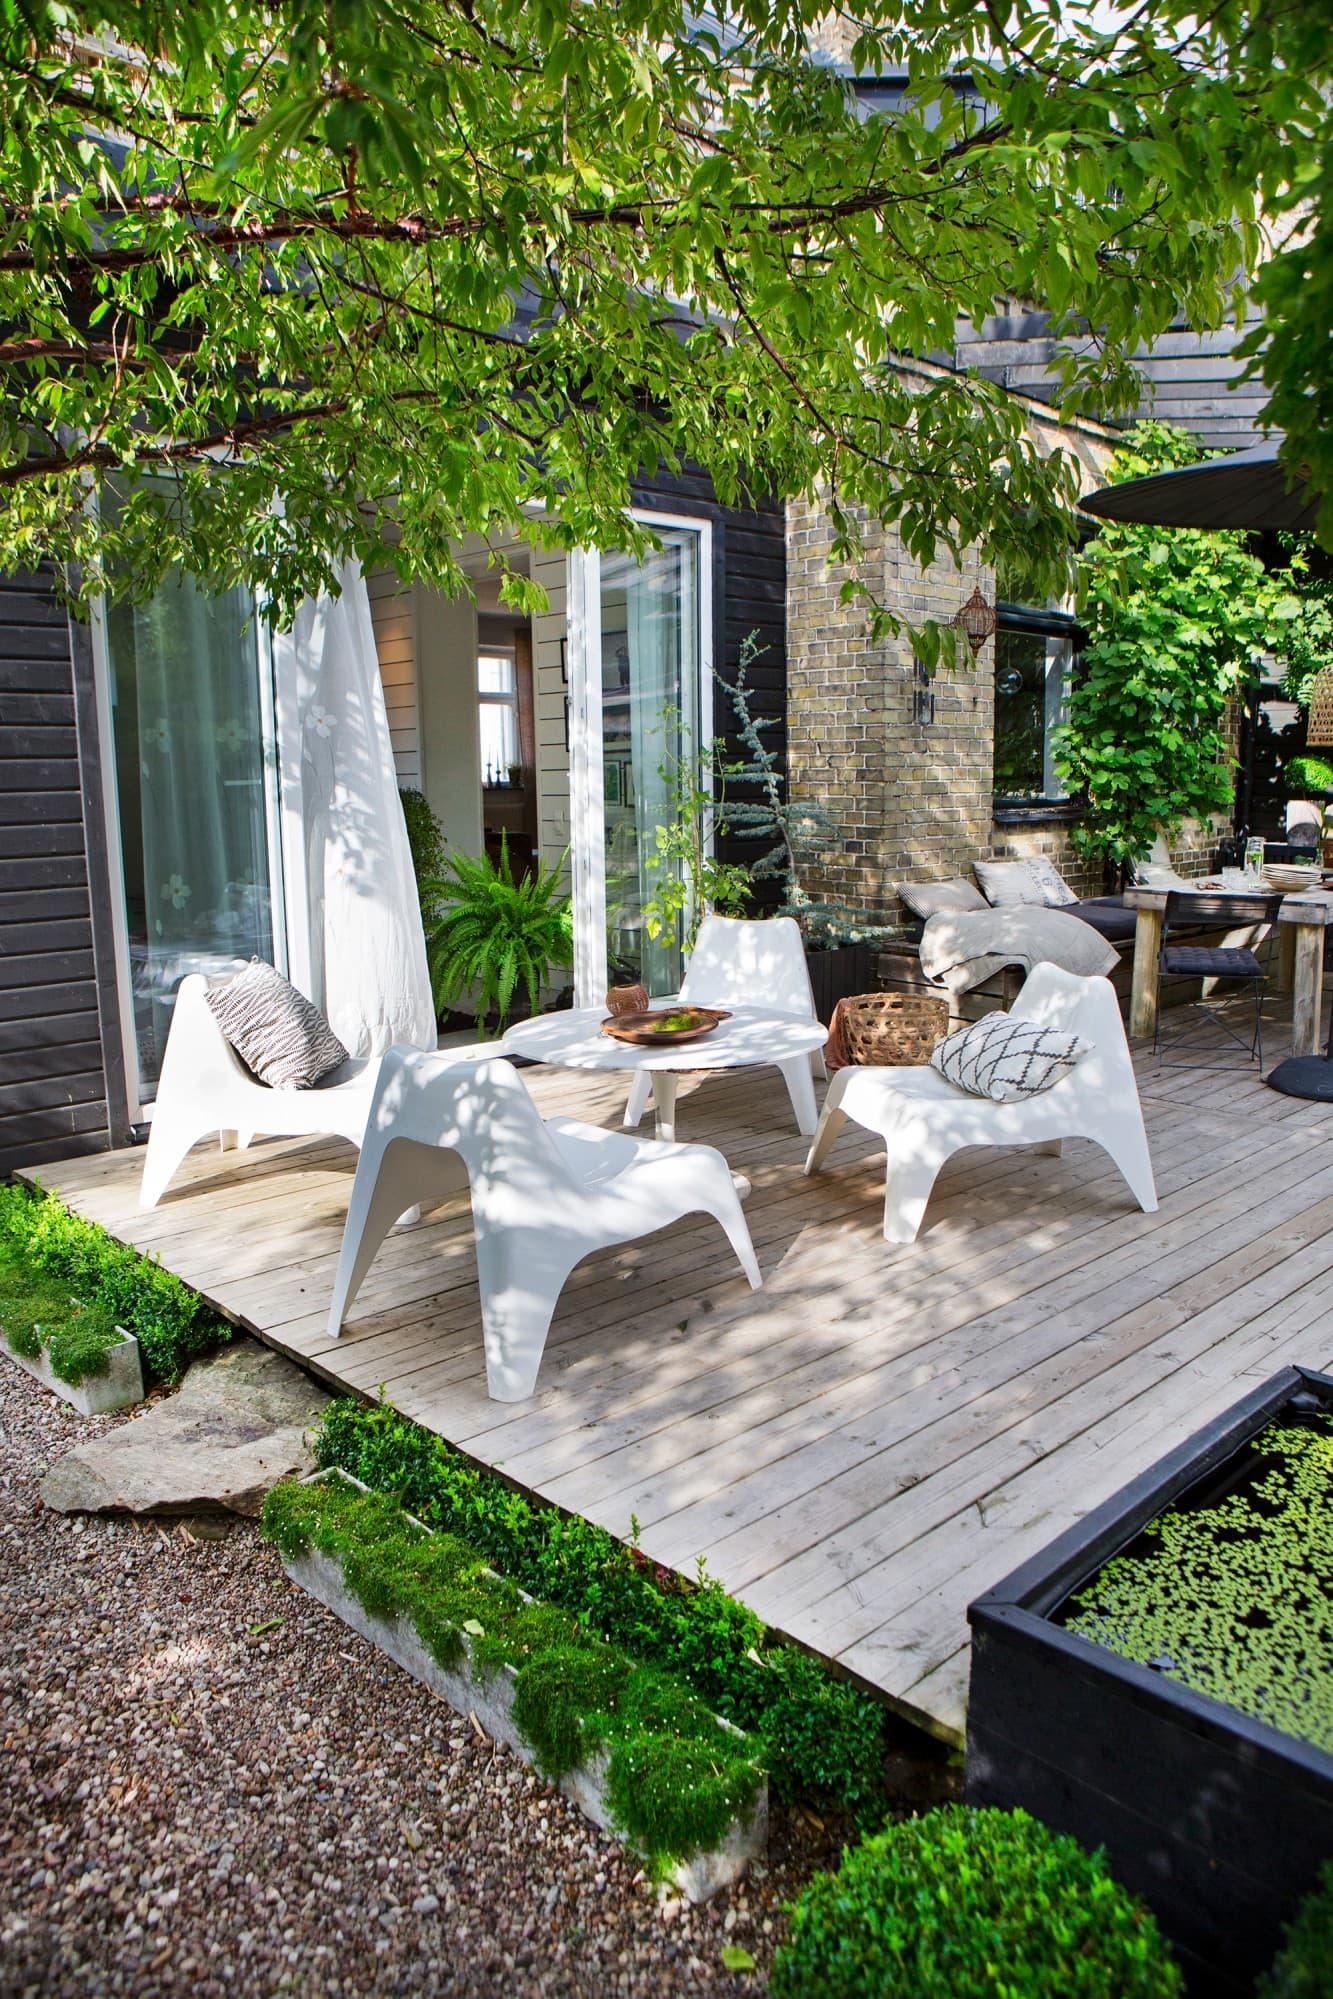 Det gamla tegelhuset från slutet av 1800-talet fick en ny del där familjen nu har vardagsrum. Trädäcket förlängdes och fick en loungeavdelning också.